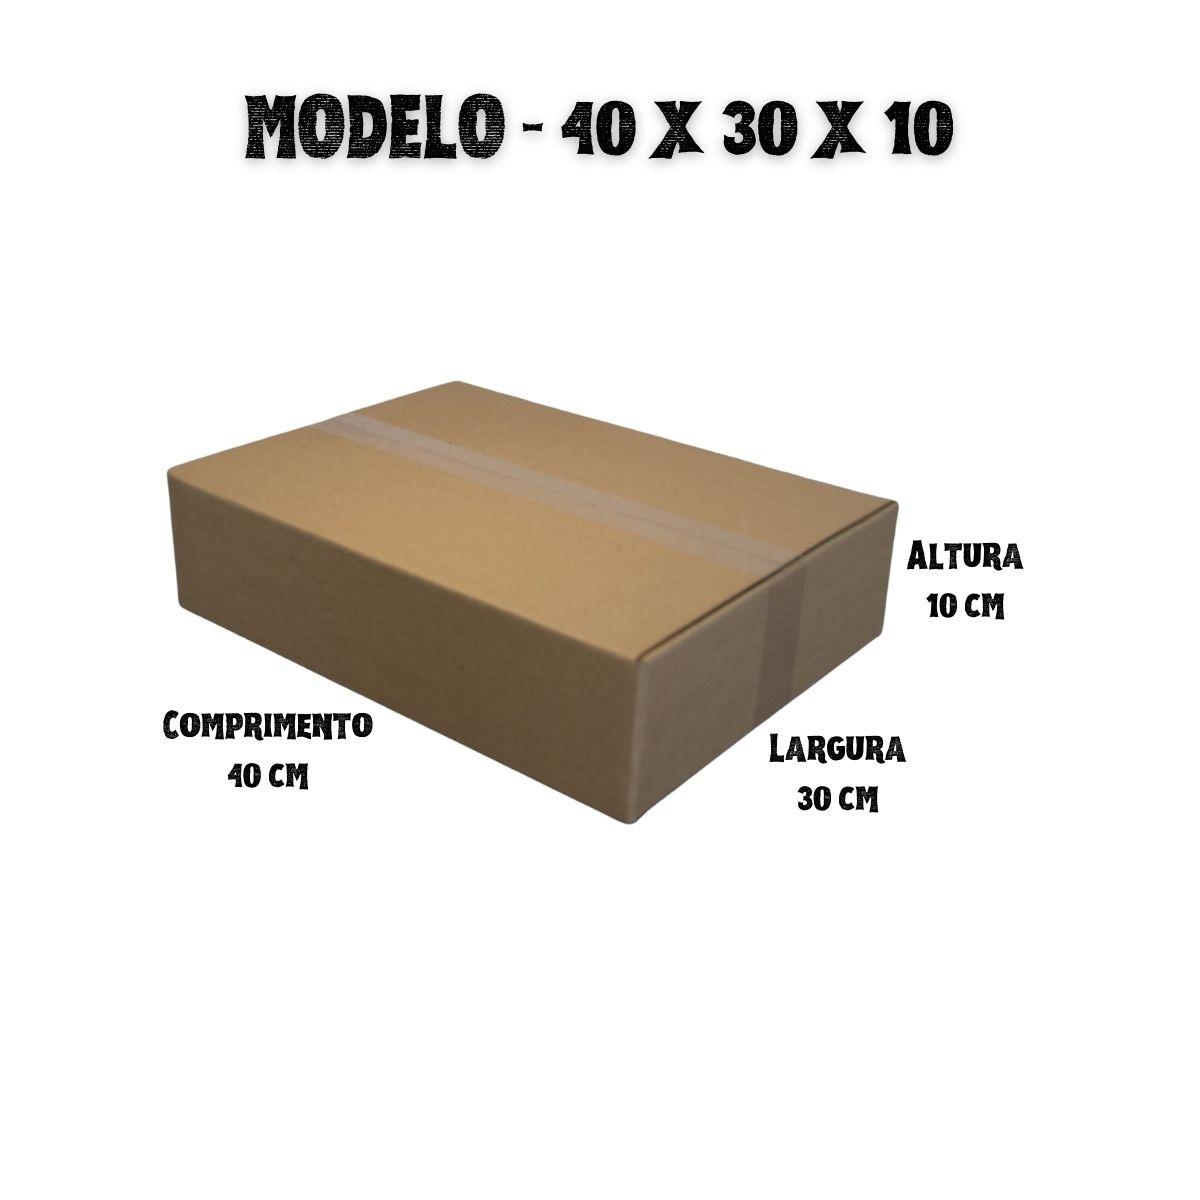 50 Caixas de Papelao (40X30X10)cm - Sedex / Pac / Correios